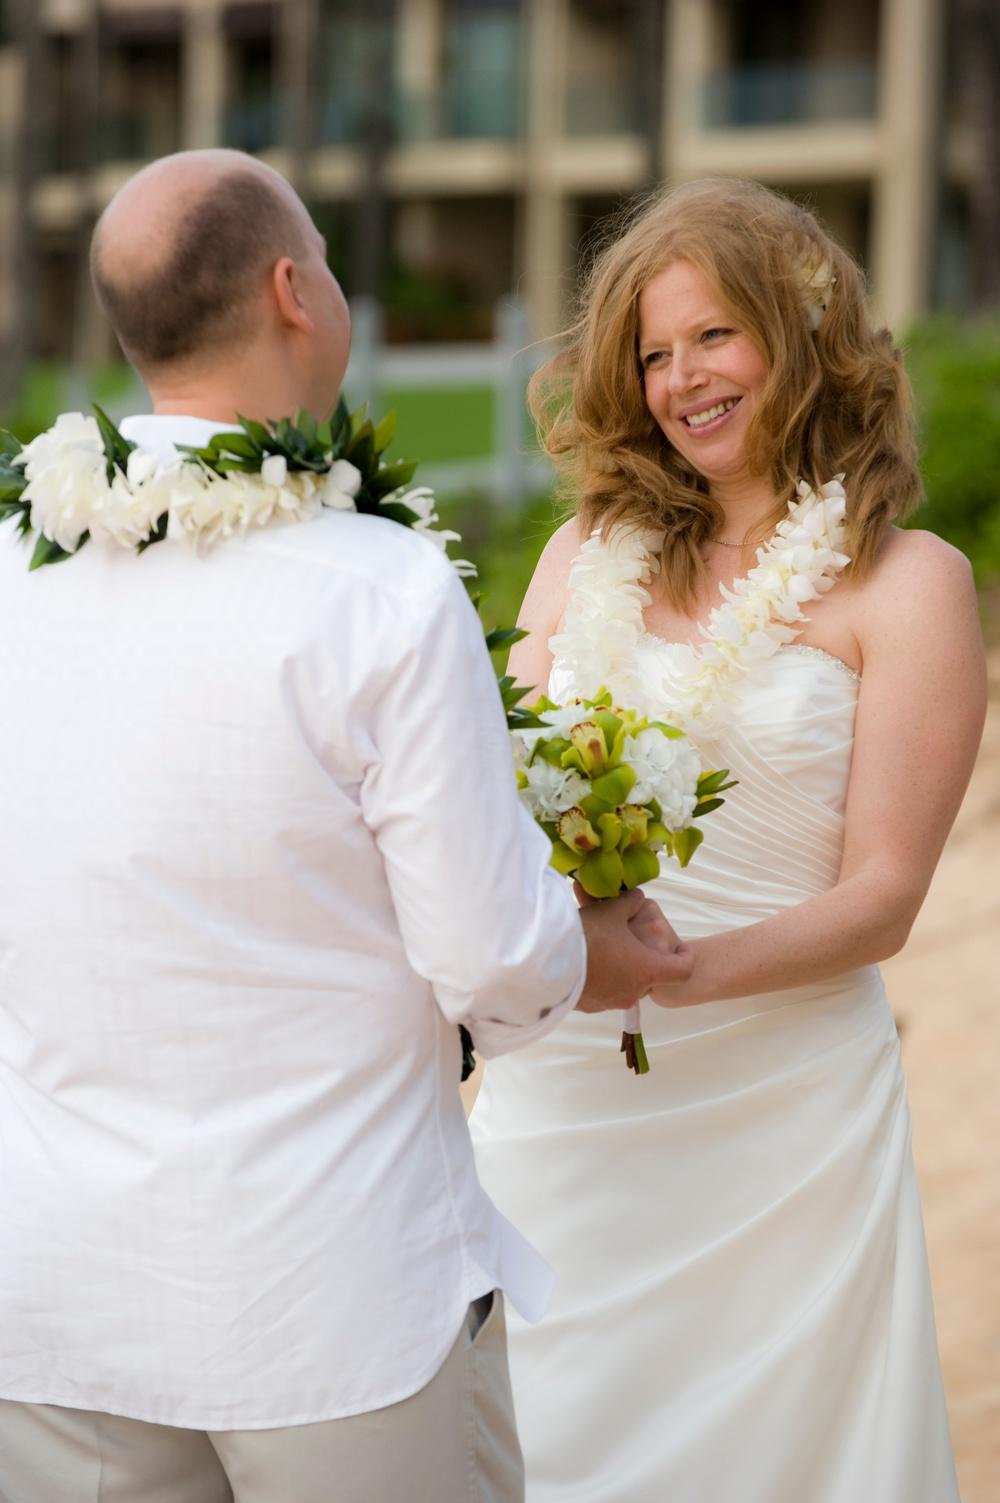 Wedding++31698-1852471661-O.jpg